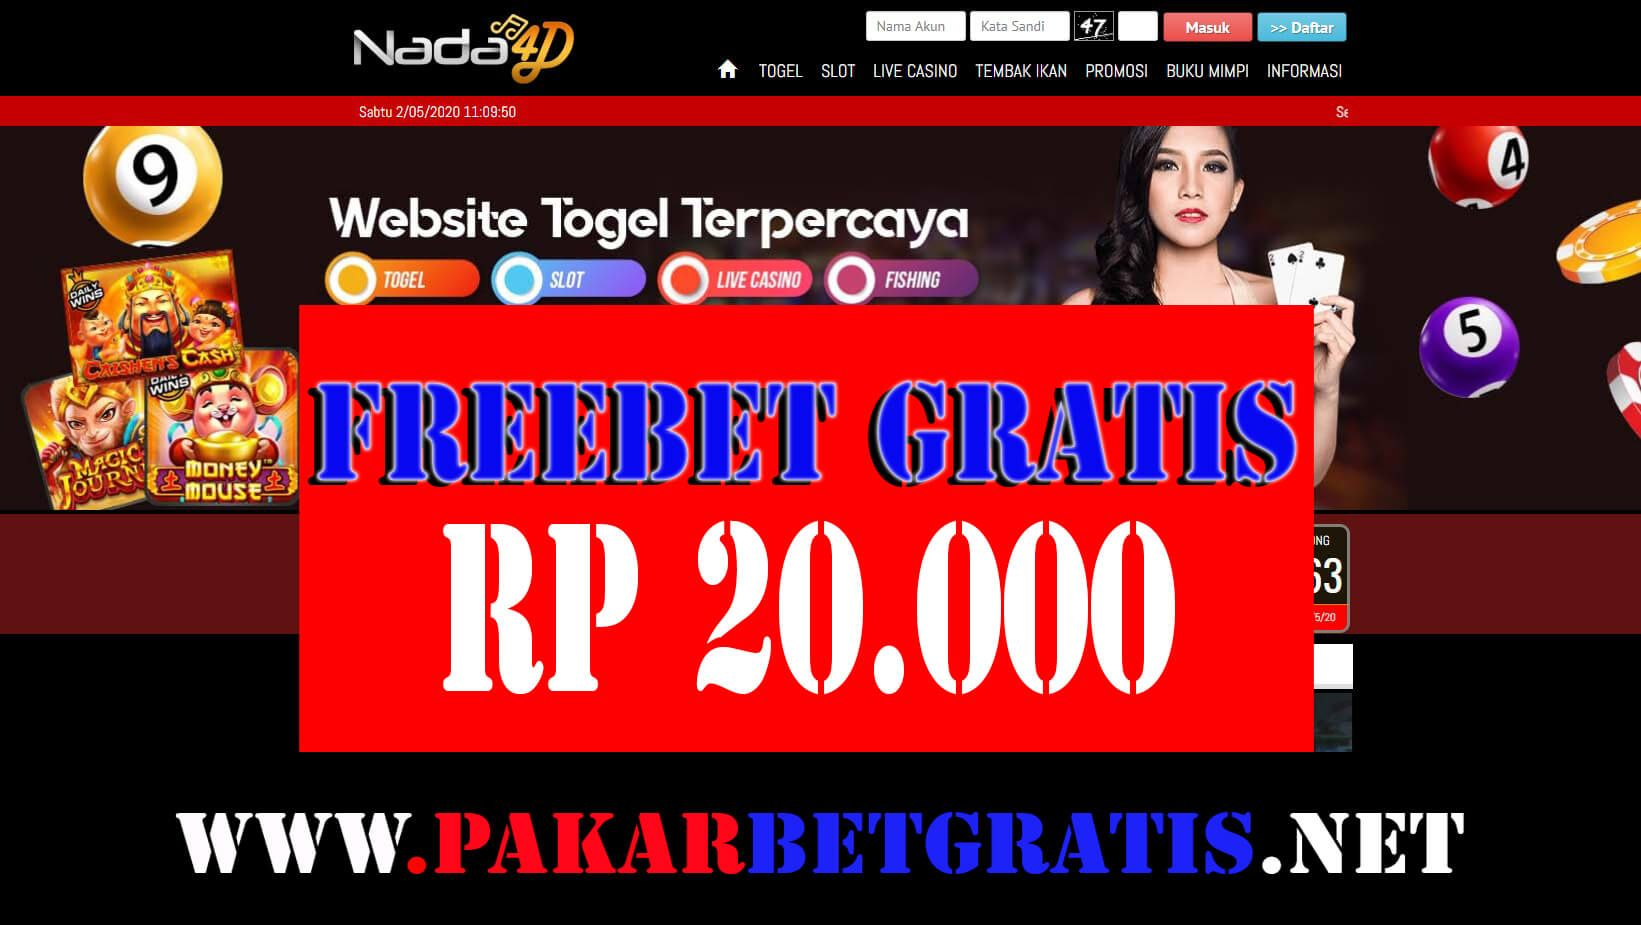 Nada4d Freebet Gratis Rp 20 000 Tanpa Deposit Website Uang Poker